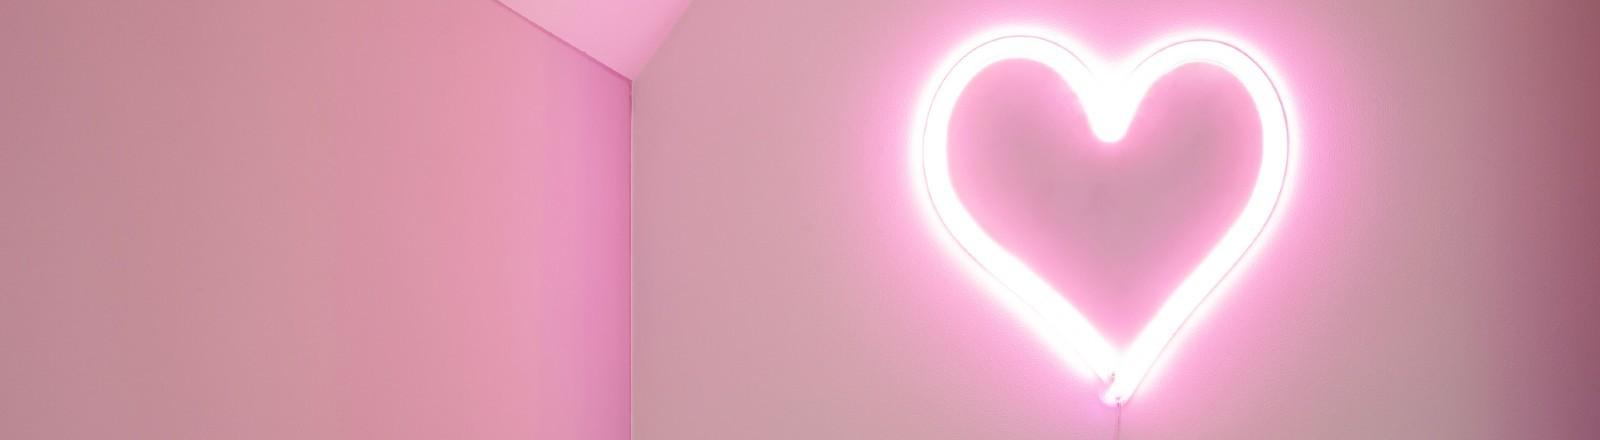 Leuchtendes Neonherz auf rosa Wänden.